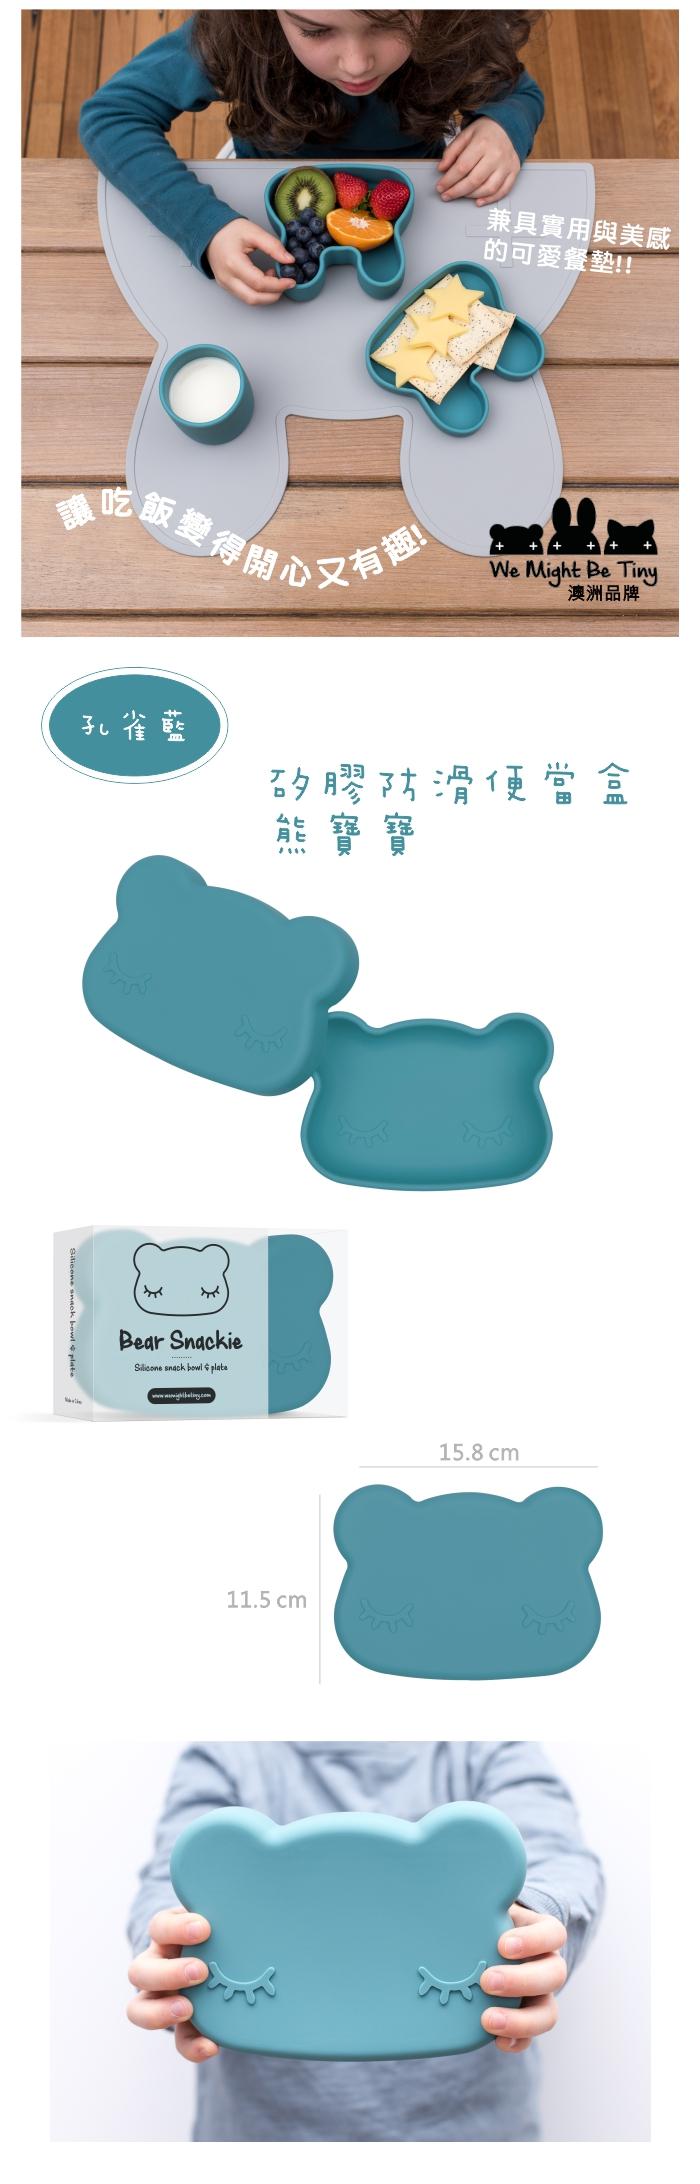 澳洲We Might Be Tiny|矽膠防滑便當盒熊寶寶-孔雀藍